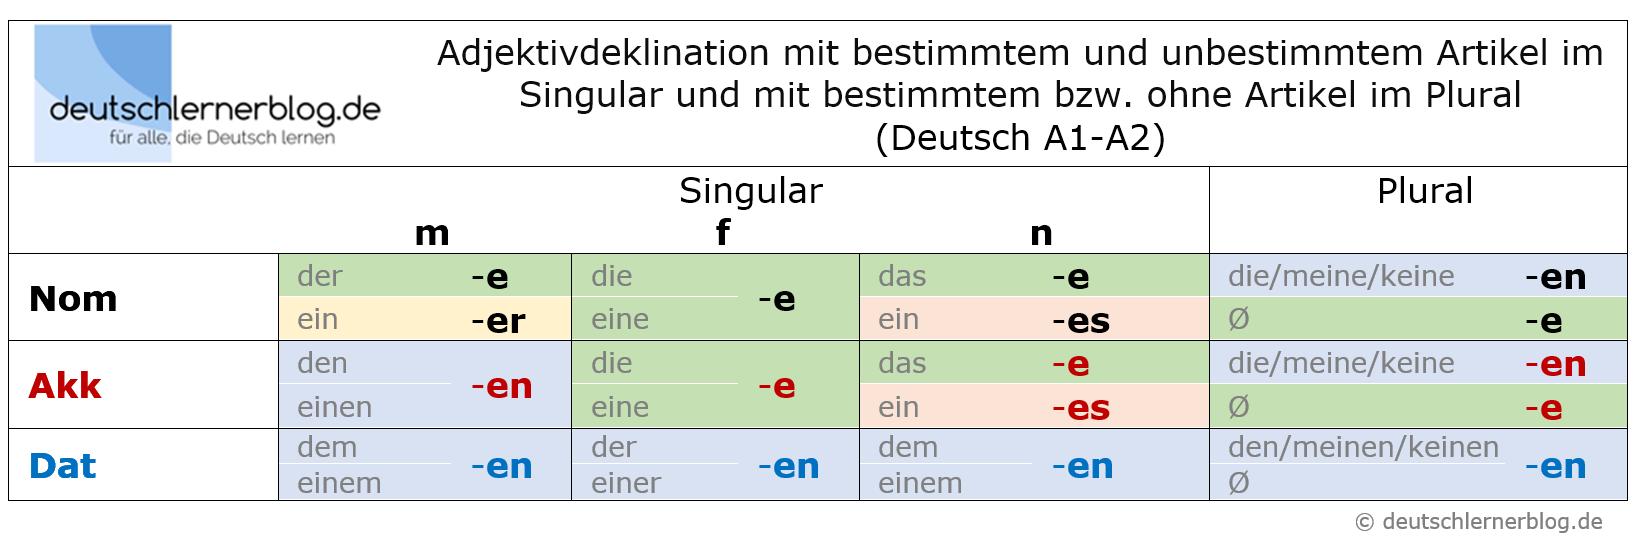 Adjektivdeklination Deutsch A1-A2 - Erklärungen, Tabellen, Übungen